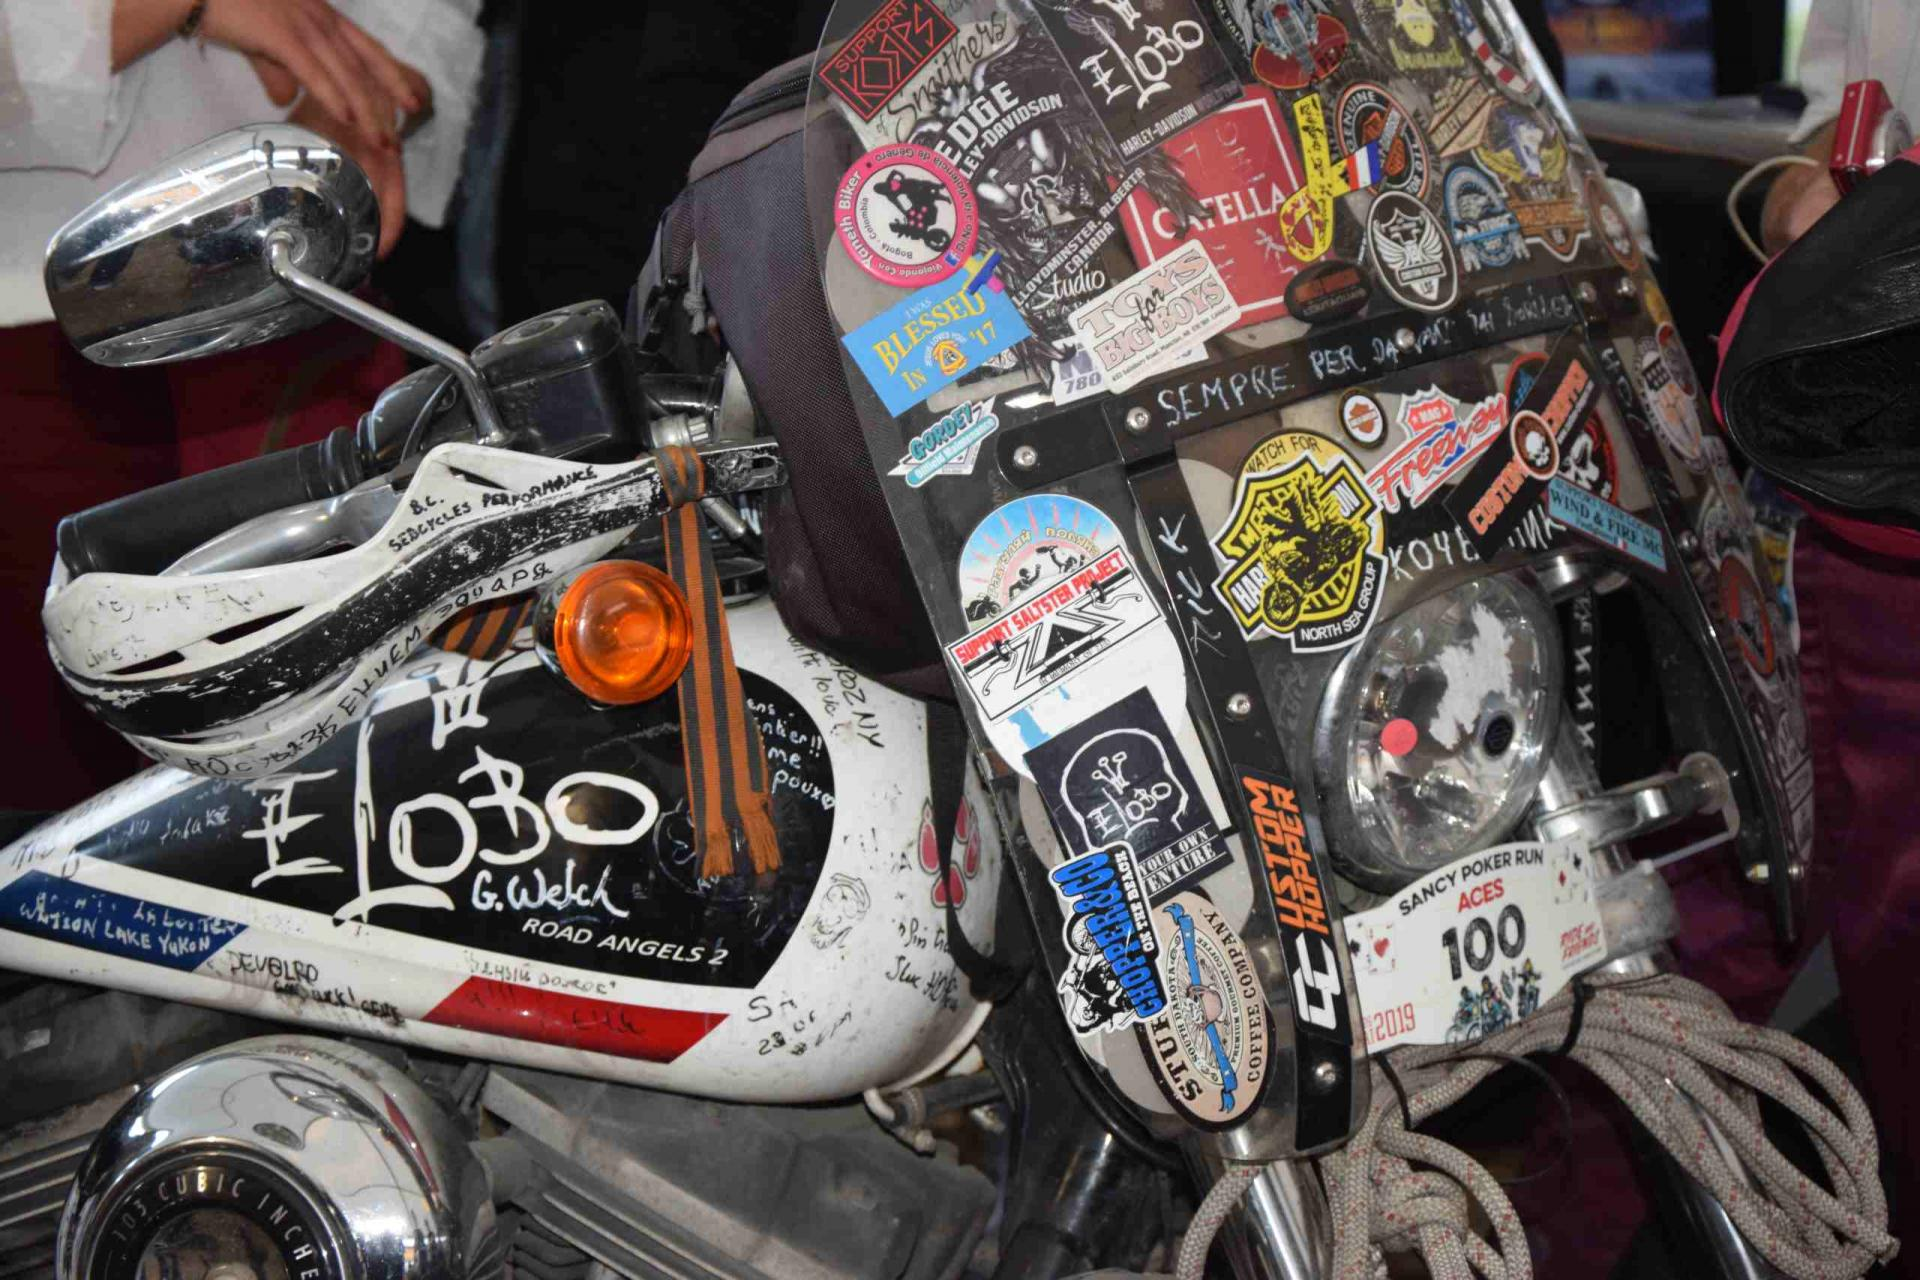 La moto d'Eric LOBO.